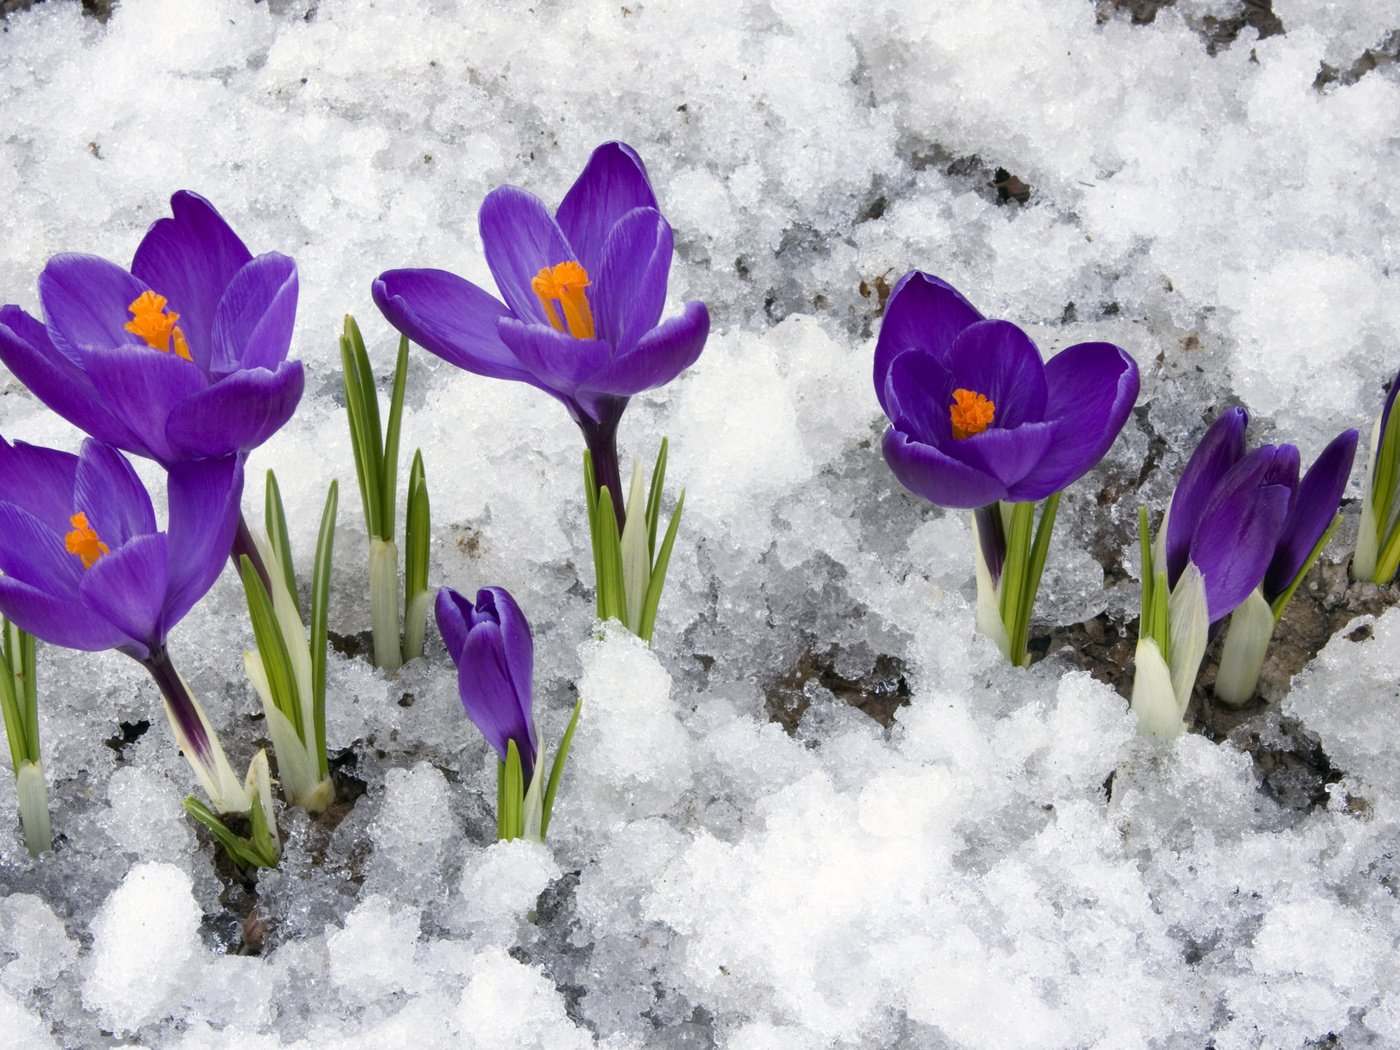 открытки крокусы в снегу вызова наряда полиции